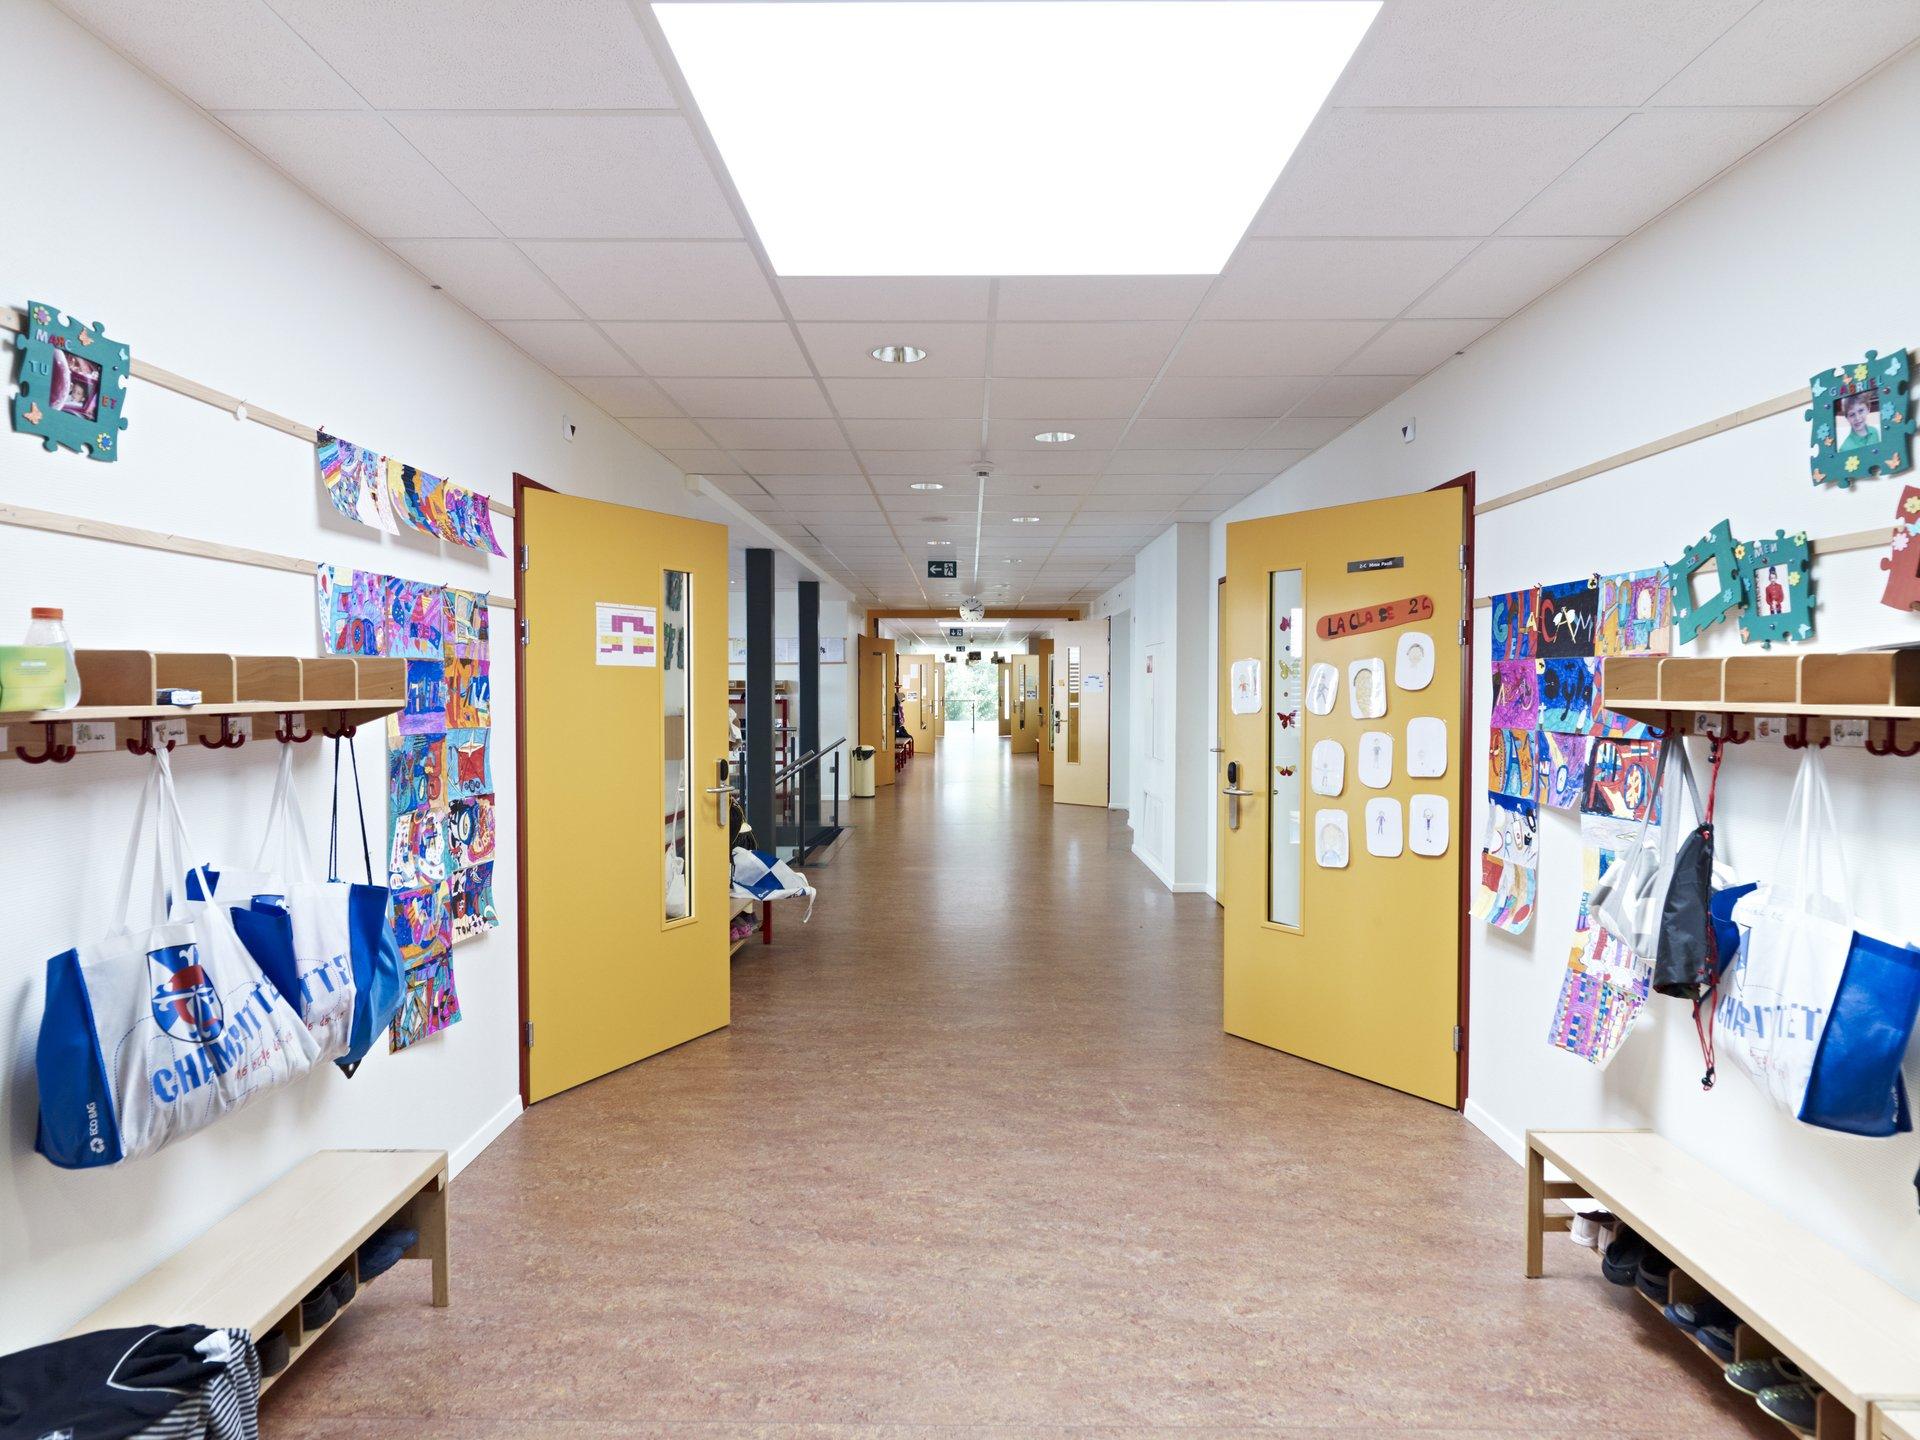 Couloir dans le bâtiment scolaire, style clair et moderne